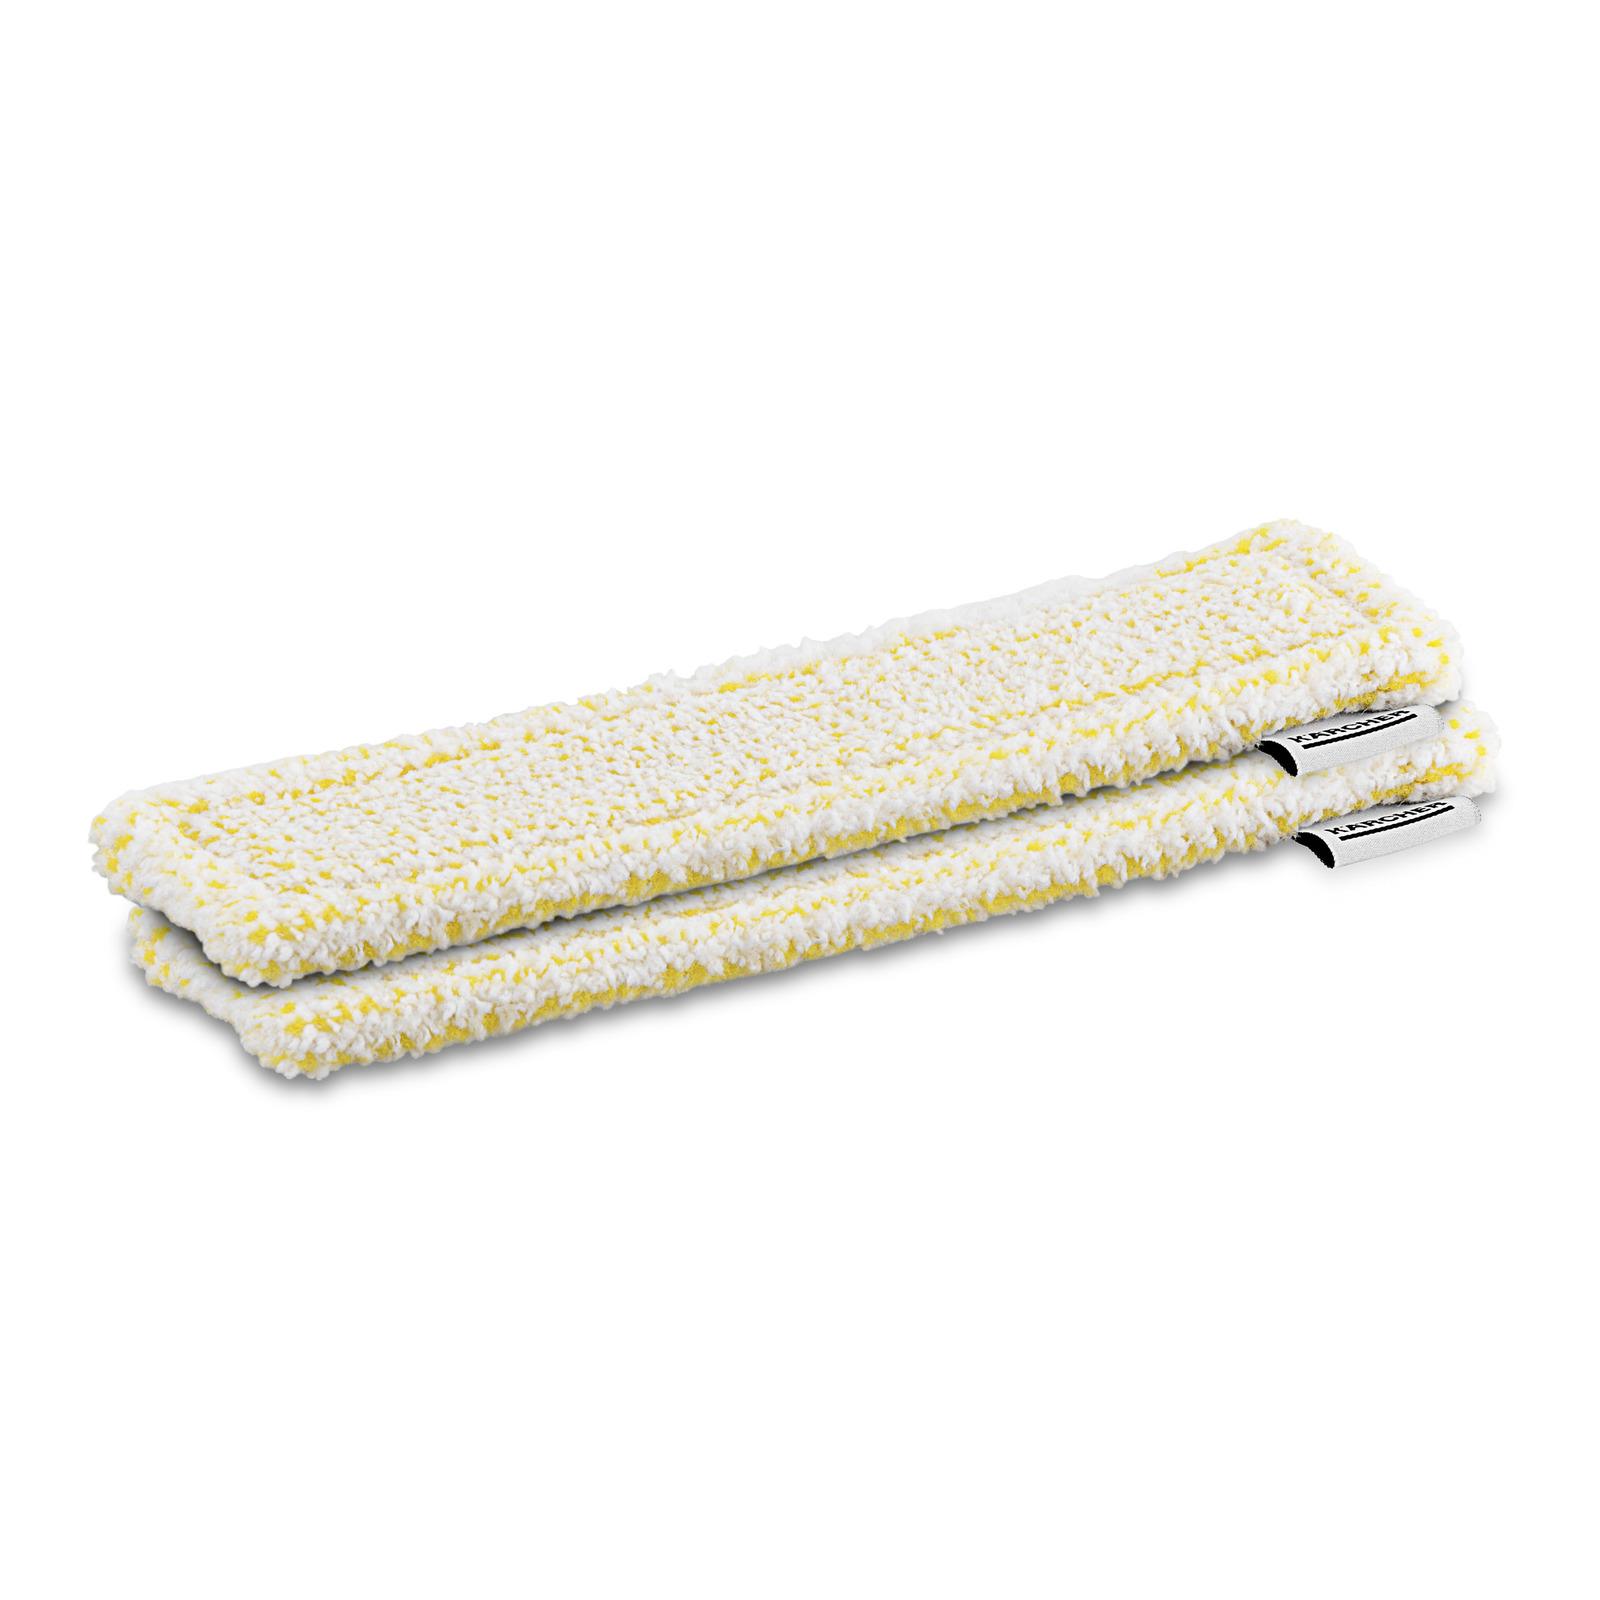 Kärcher Indoor Microfiber Wiper Cloths